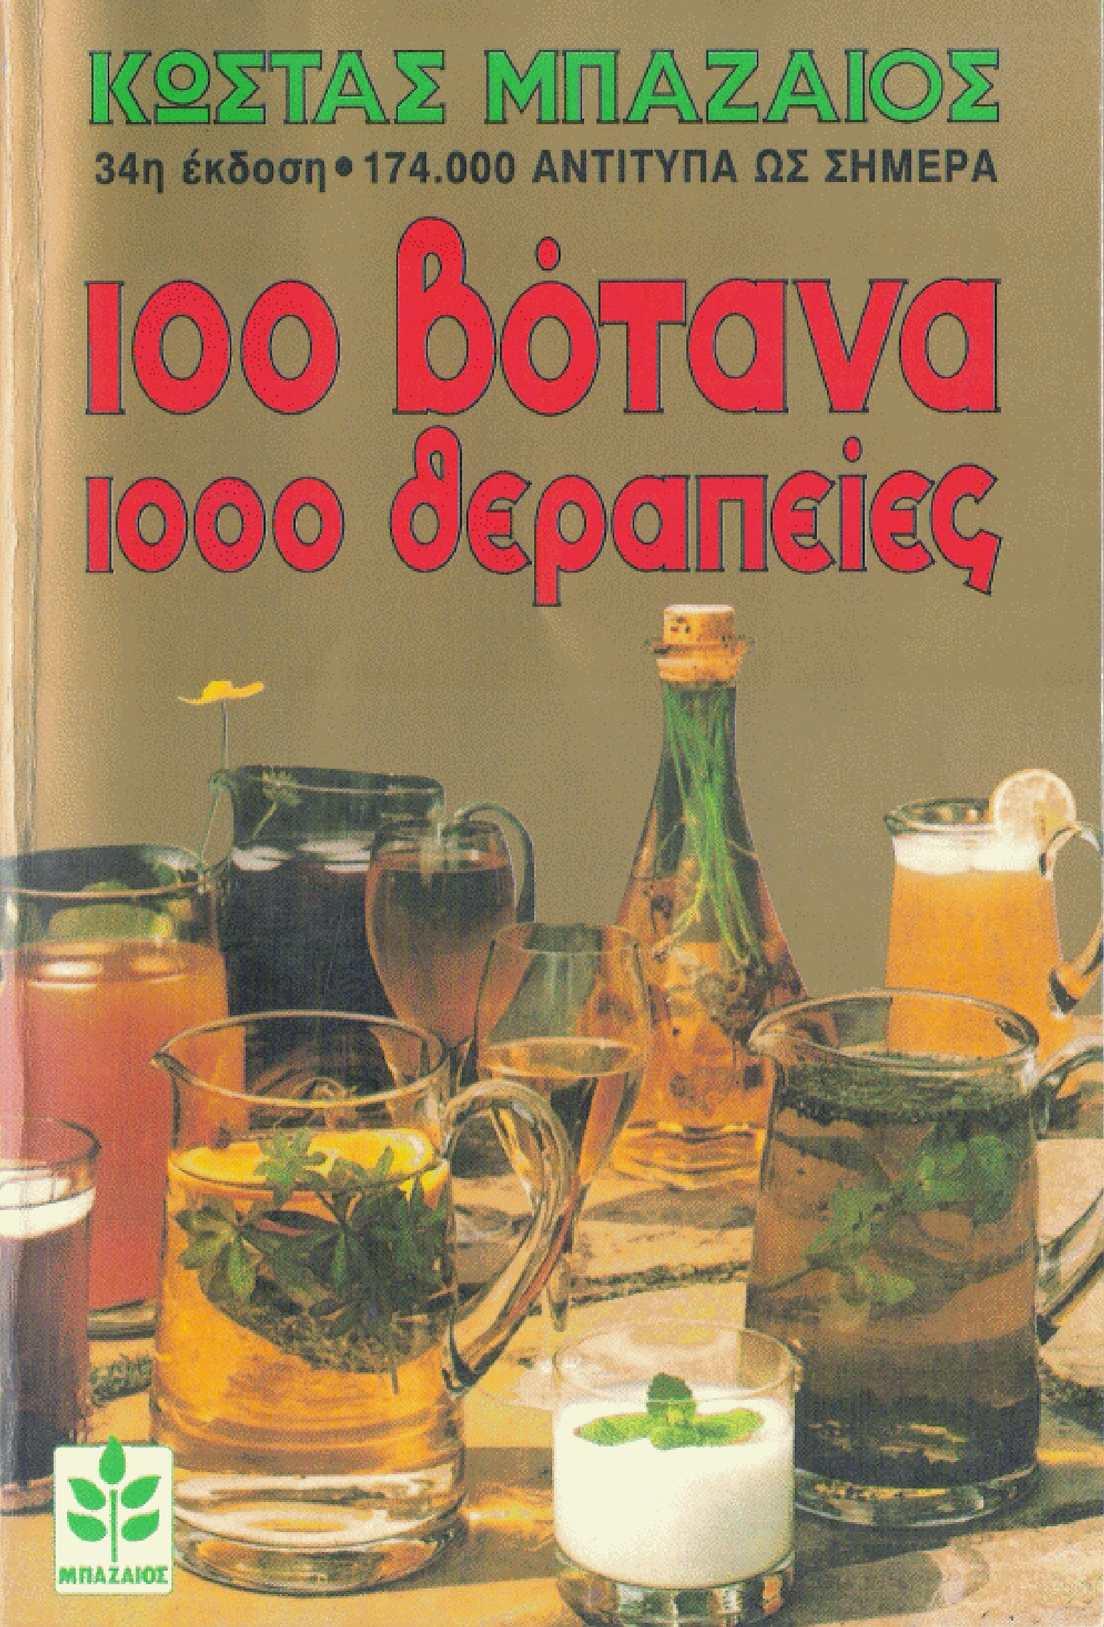 100 ΒΌΤΑΝΑ - 1000 ΘΕΡΑΠΕΙΕΣ ΚΩΣΤΑΣ ΜΠΑΖΑΙΟΣ (ΟΛΟ ΤΟ ΒΙΒΛΙΟ ΘΗΣΑΥΡΟΣ)